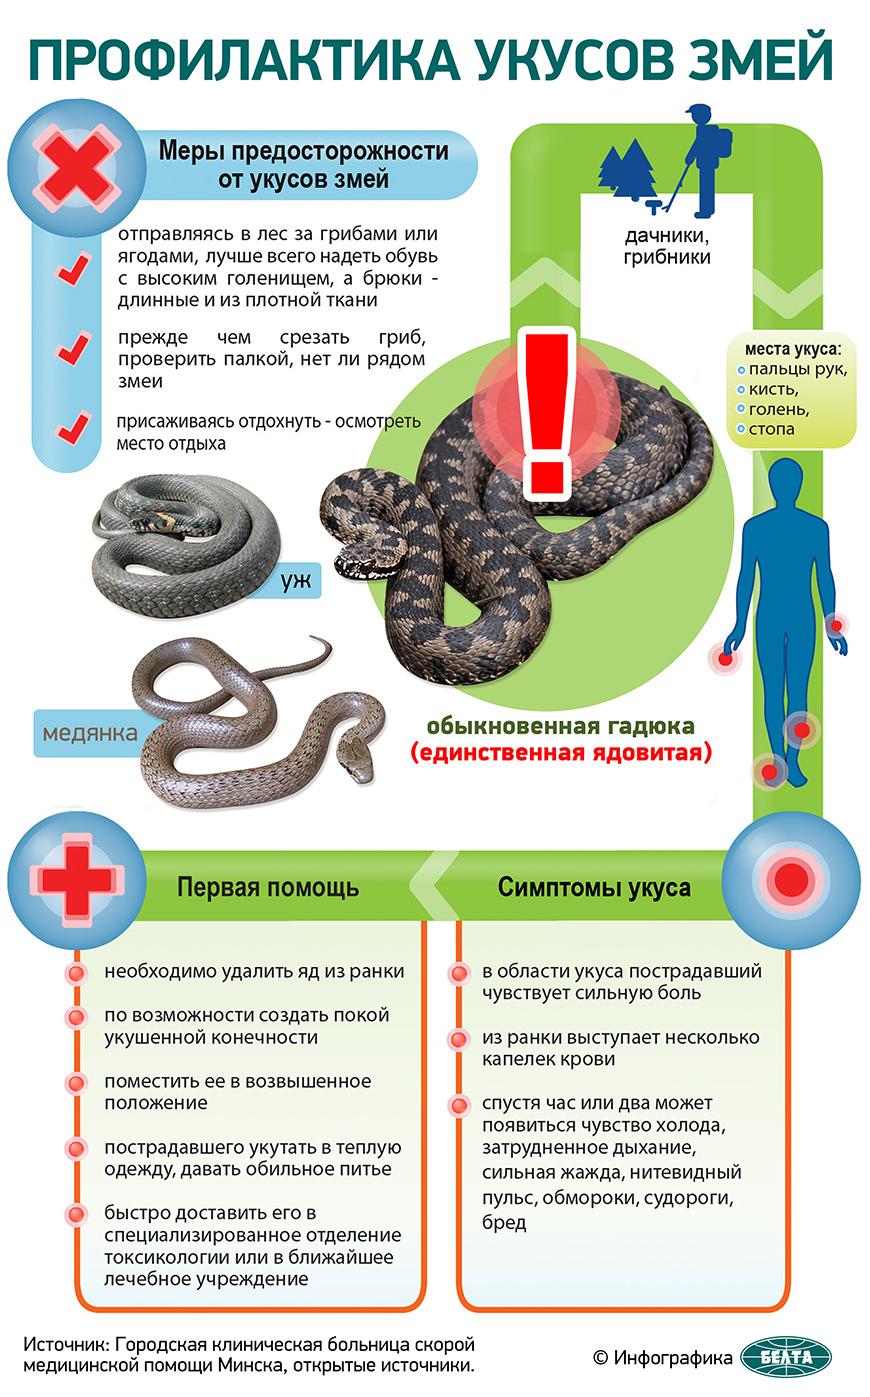 Профилактика укусов змей